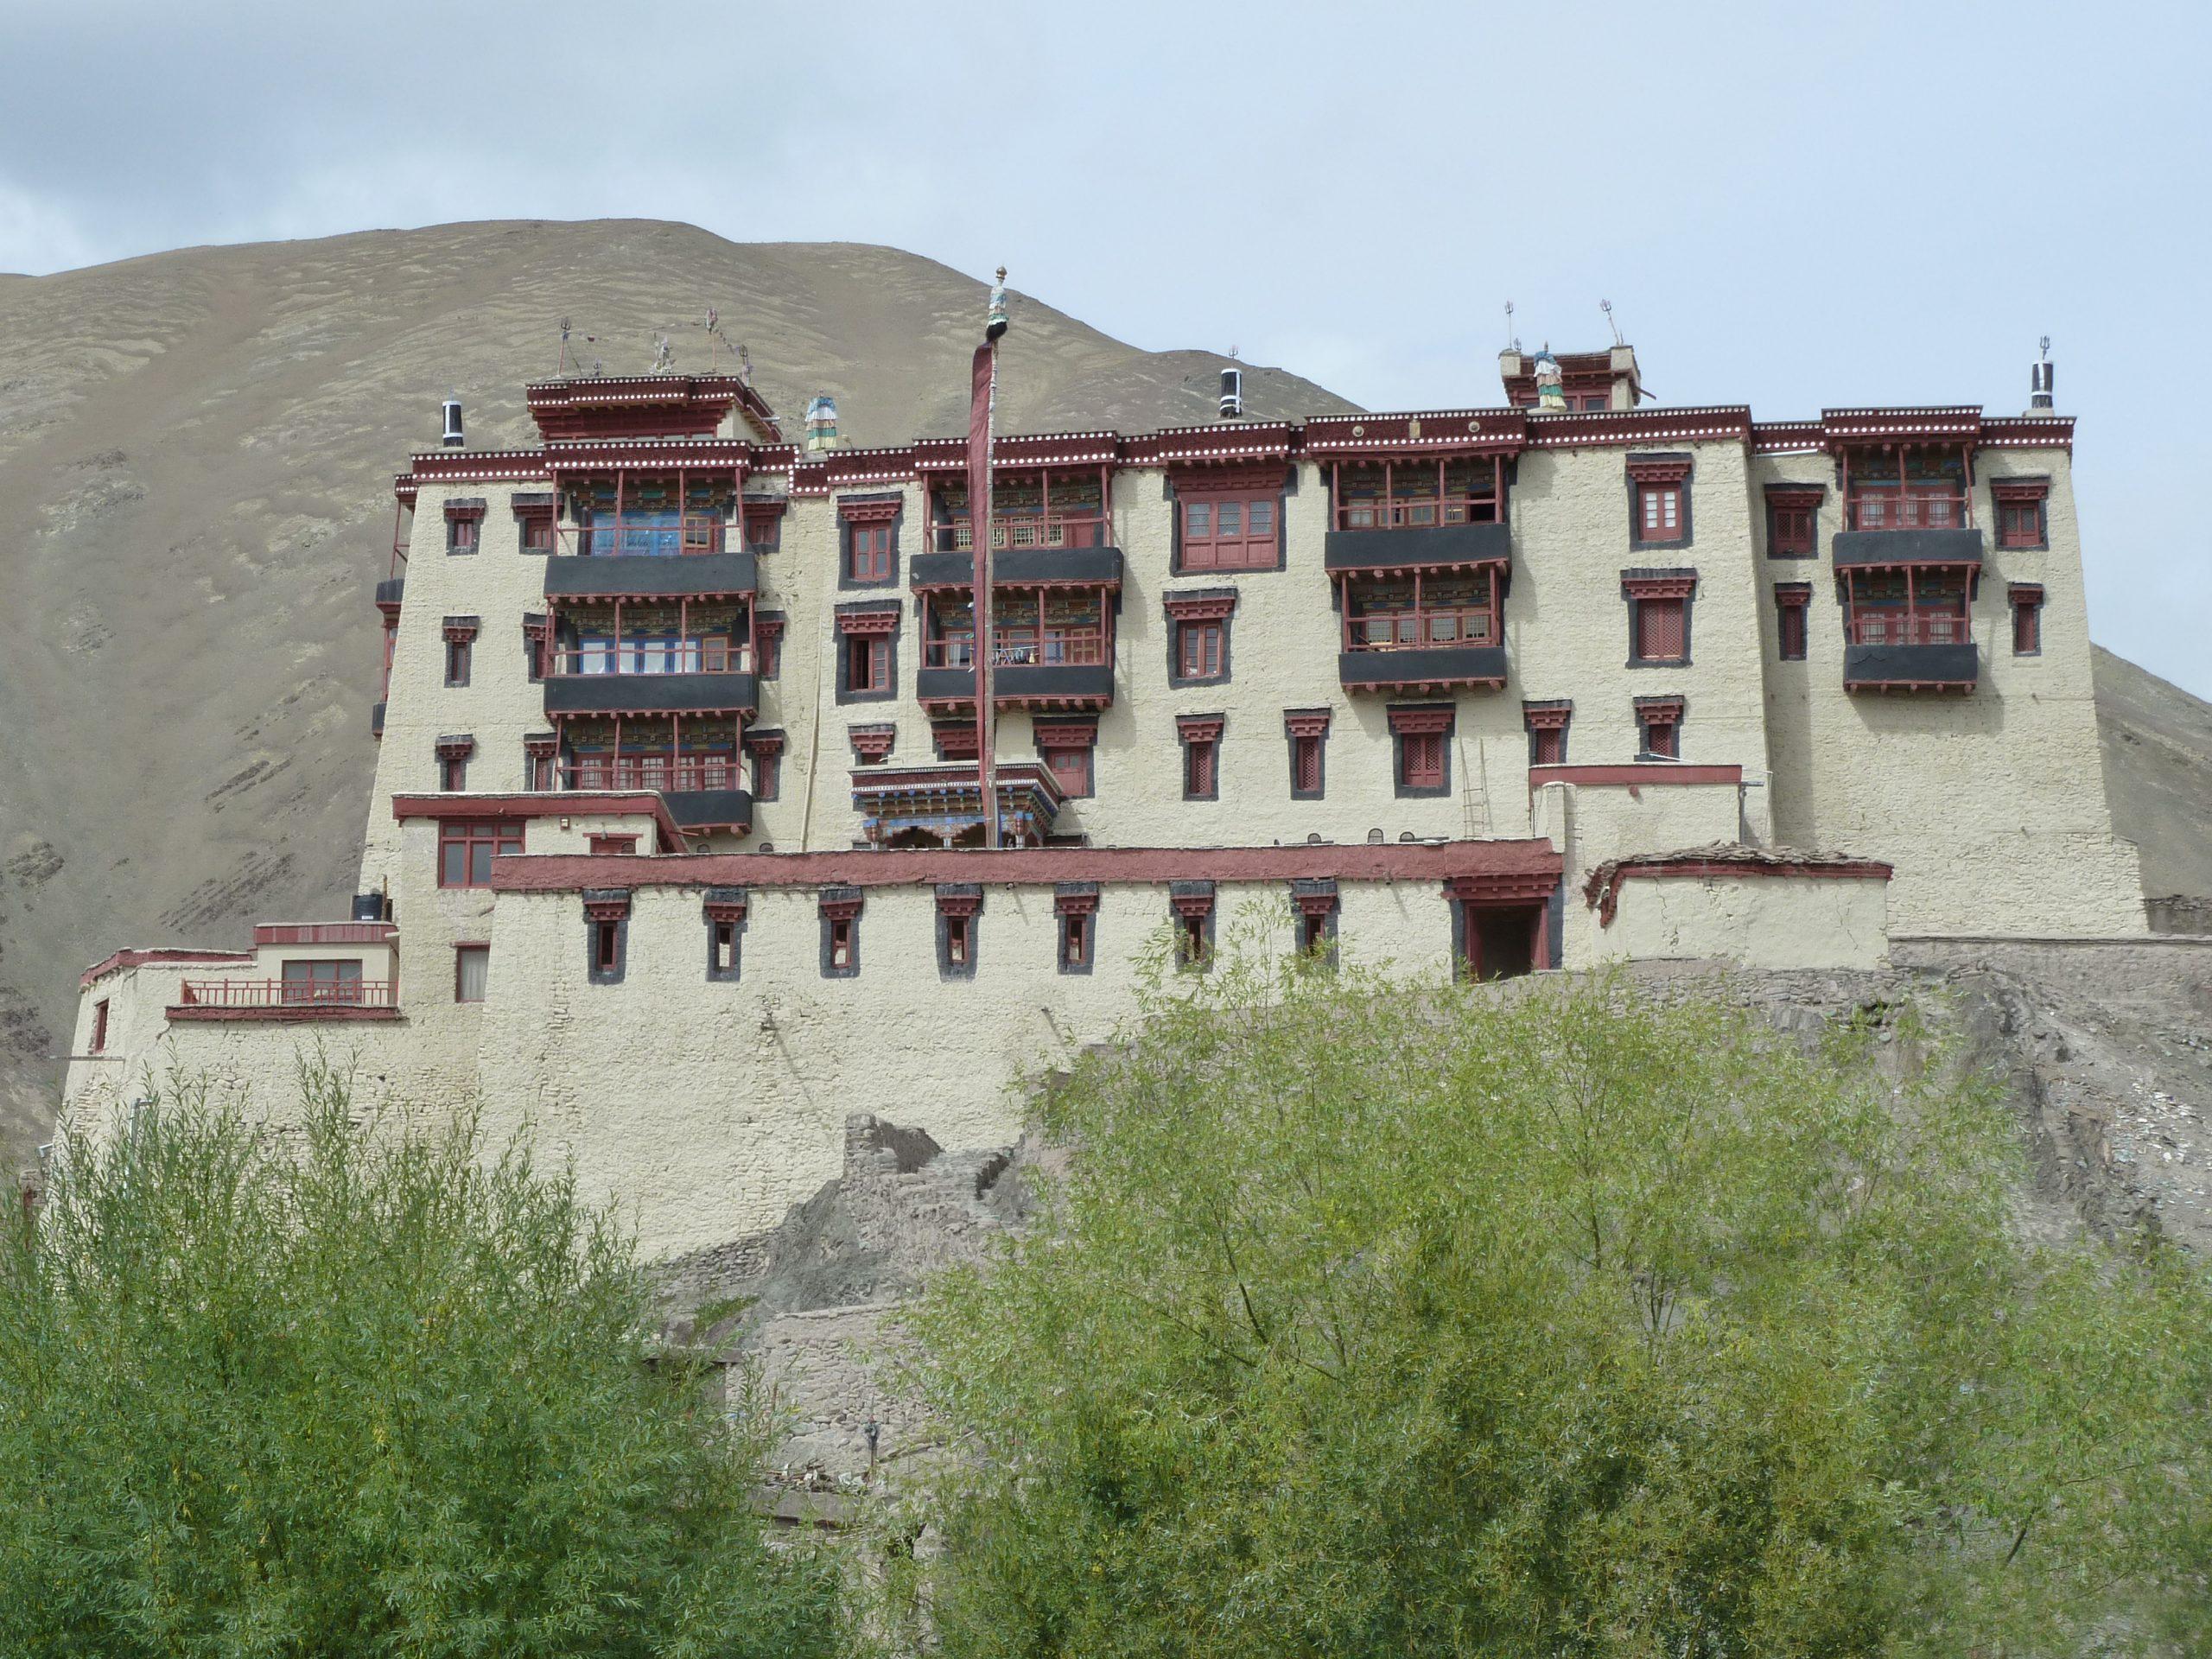 Radreise Ladakh 2012 - Schloss des letzten Königs von Ladakh